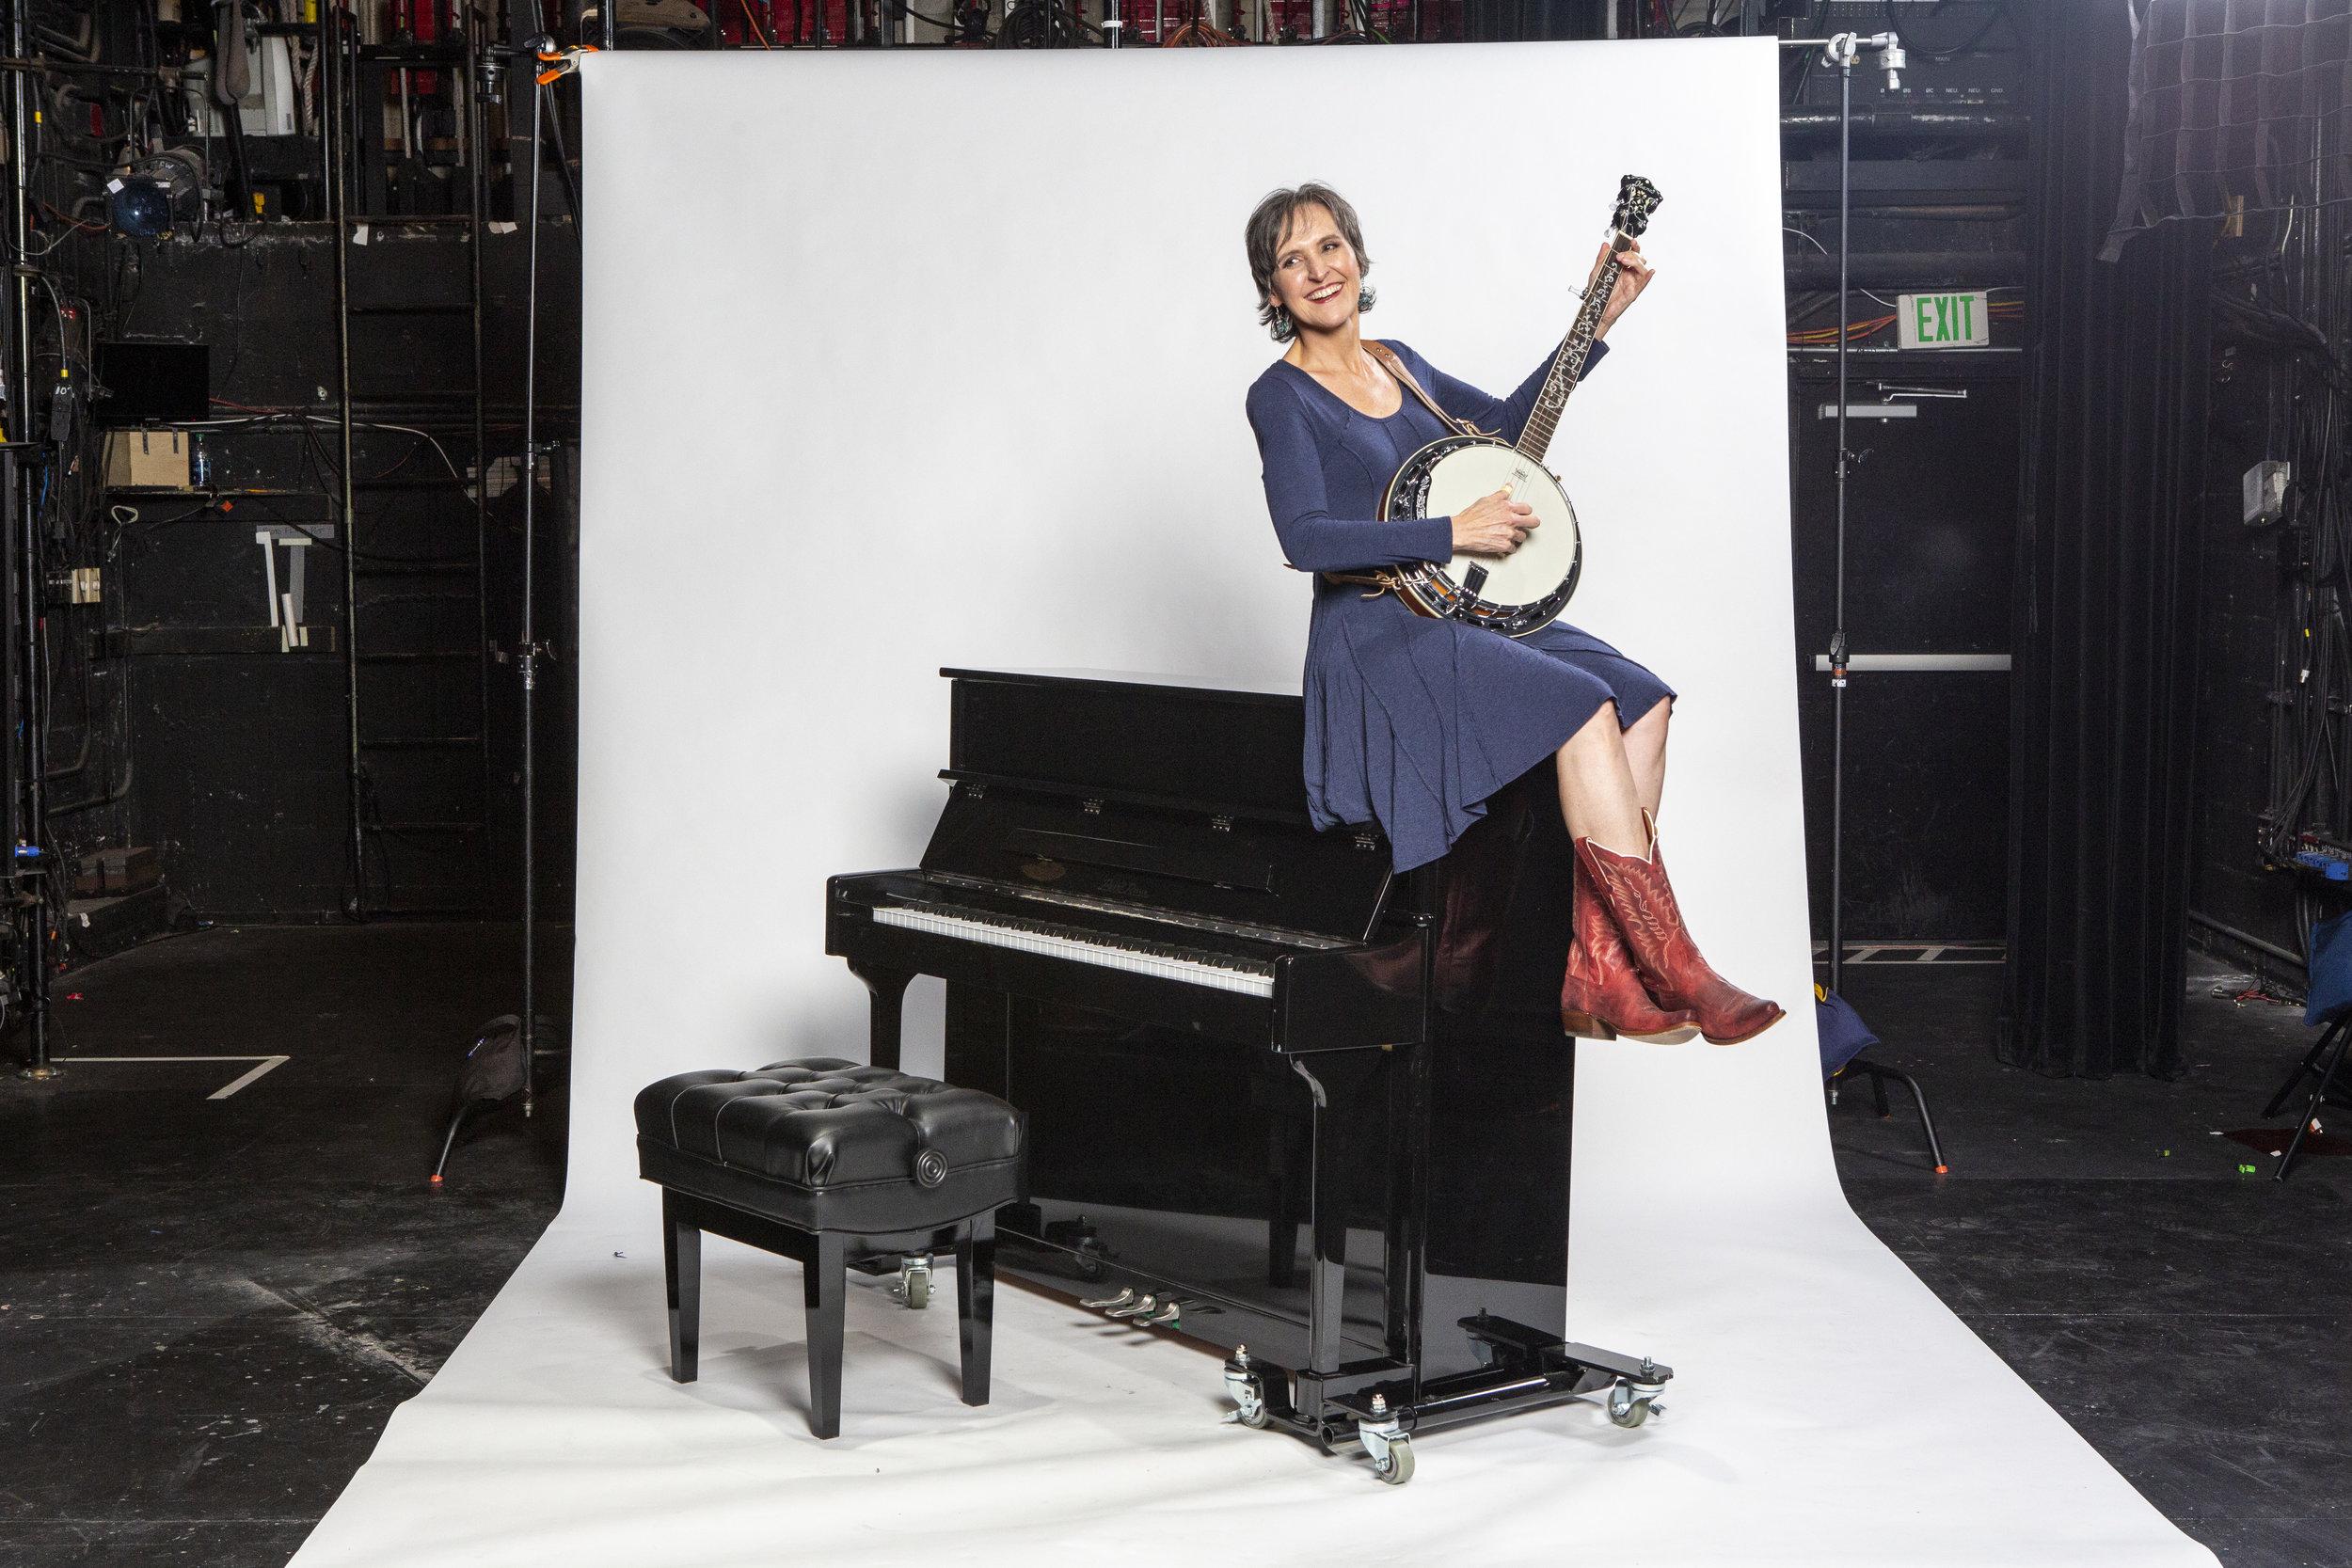 Julie Rowe - Actor, Singer, Musician, Educator